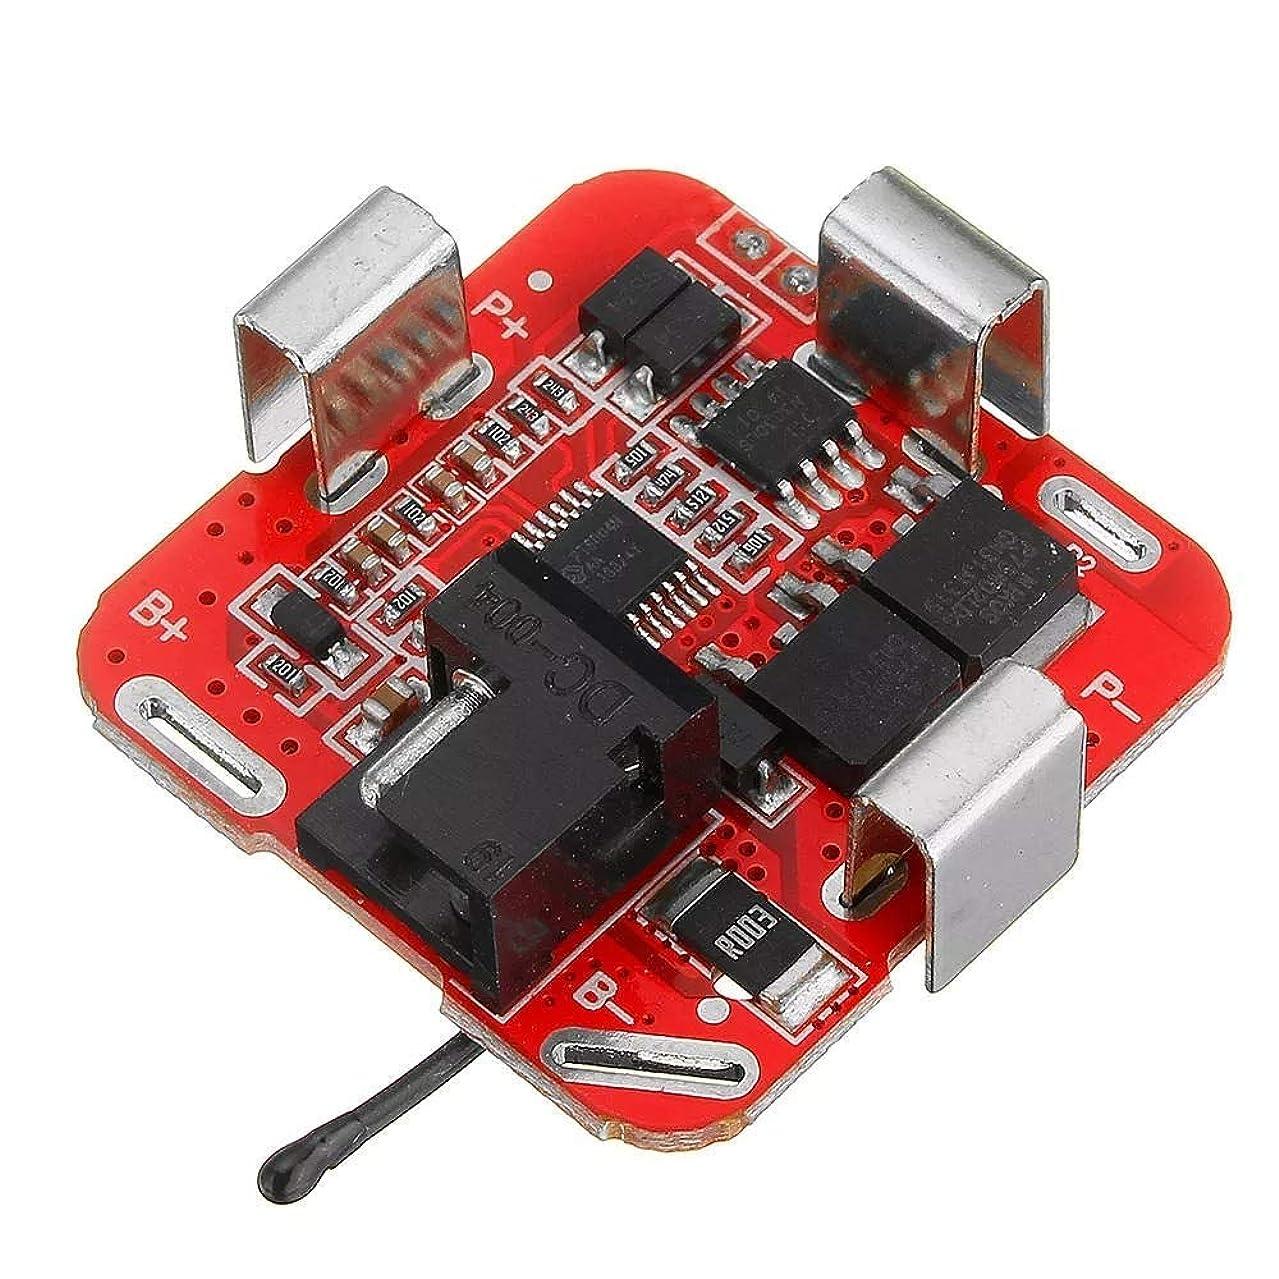 本物拮抗する版ZGQA-GQA 4S 14.8V 16.8Vリチウムバッテリー保護ボードのパワーツールは、ストレートスポットSteuermodulドリル